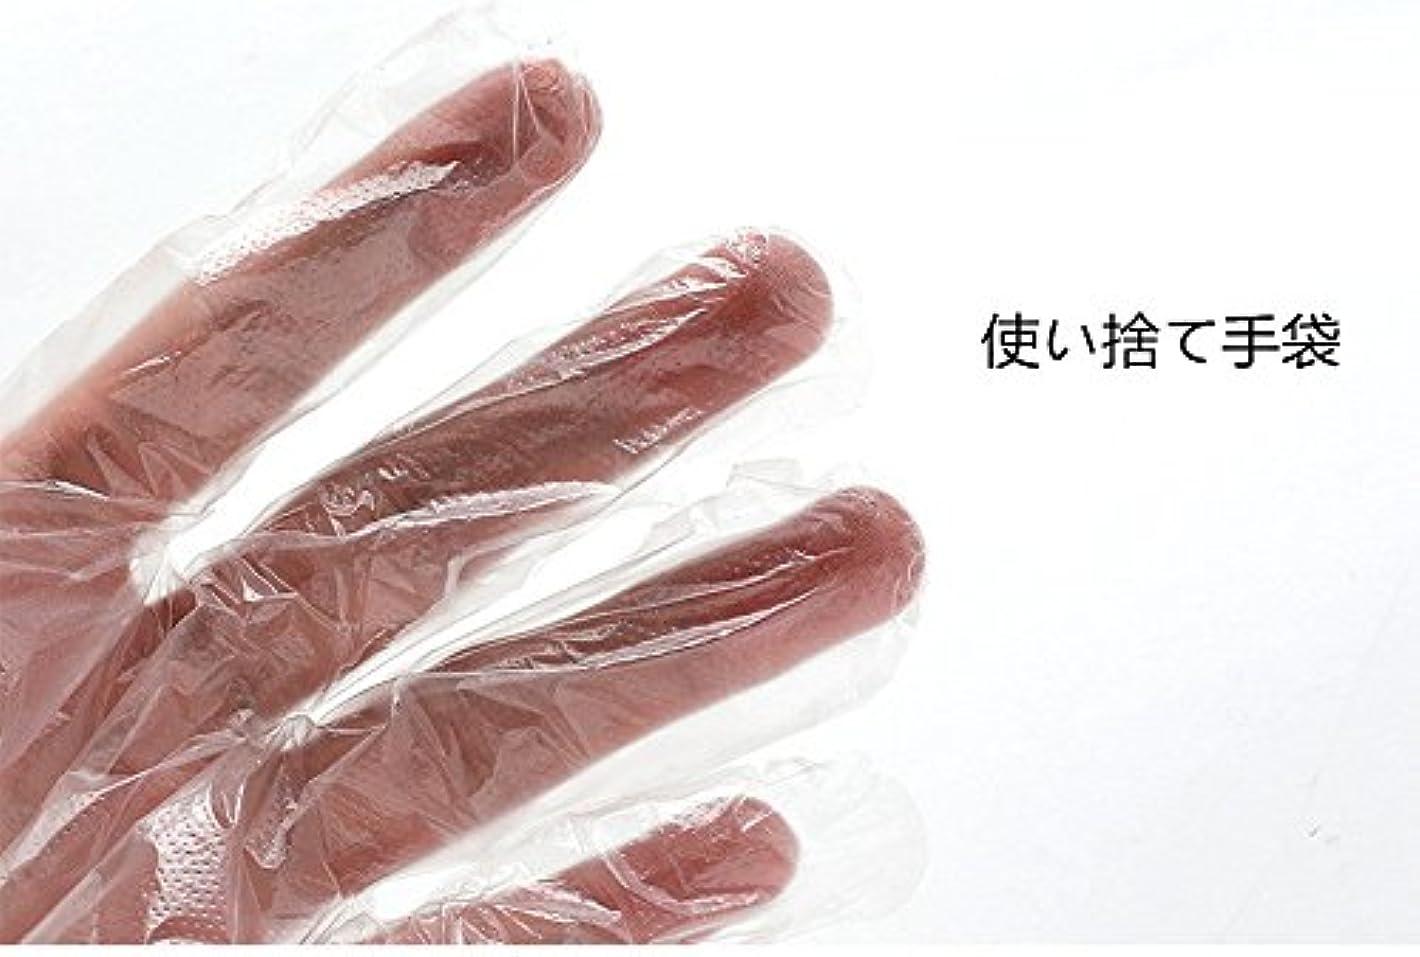 迷信目指す無使い捨て手袋 左右兼用 掃除 介護 極薄ビニール手袋 ポリエチレン 透明 実用 衛生 95枚